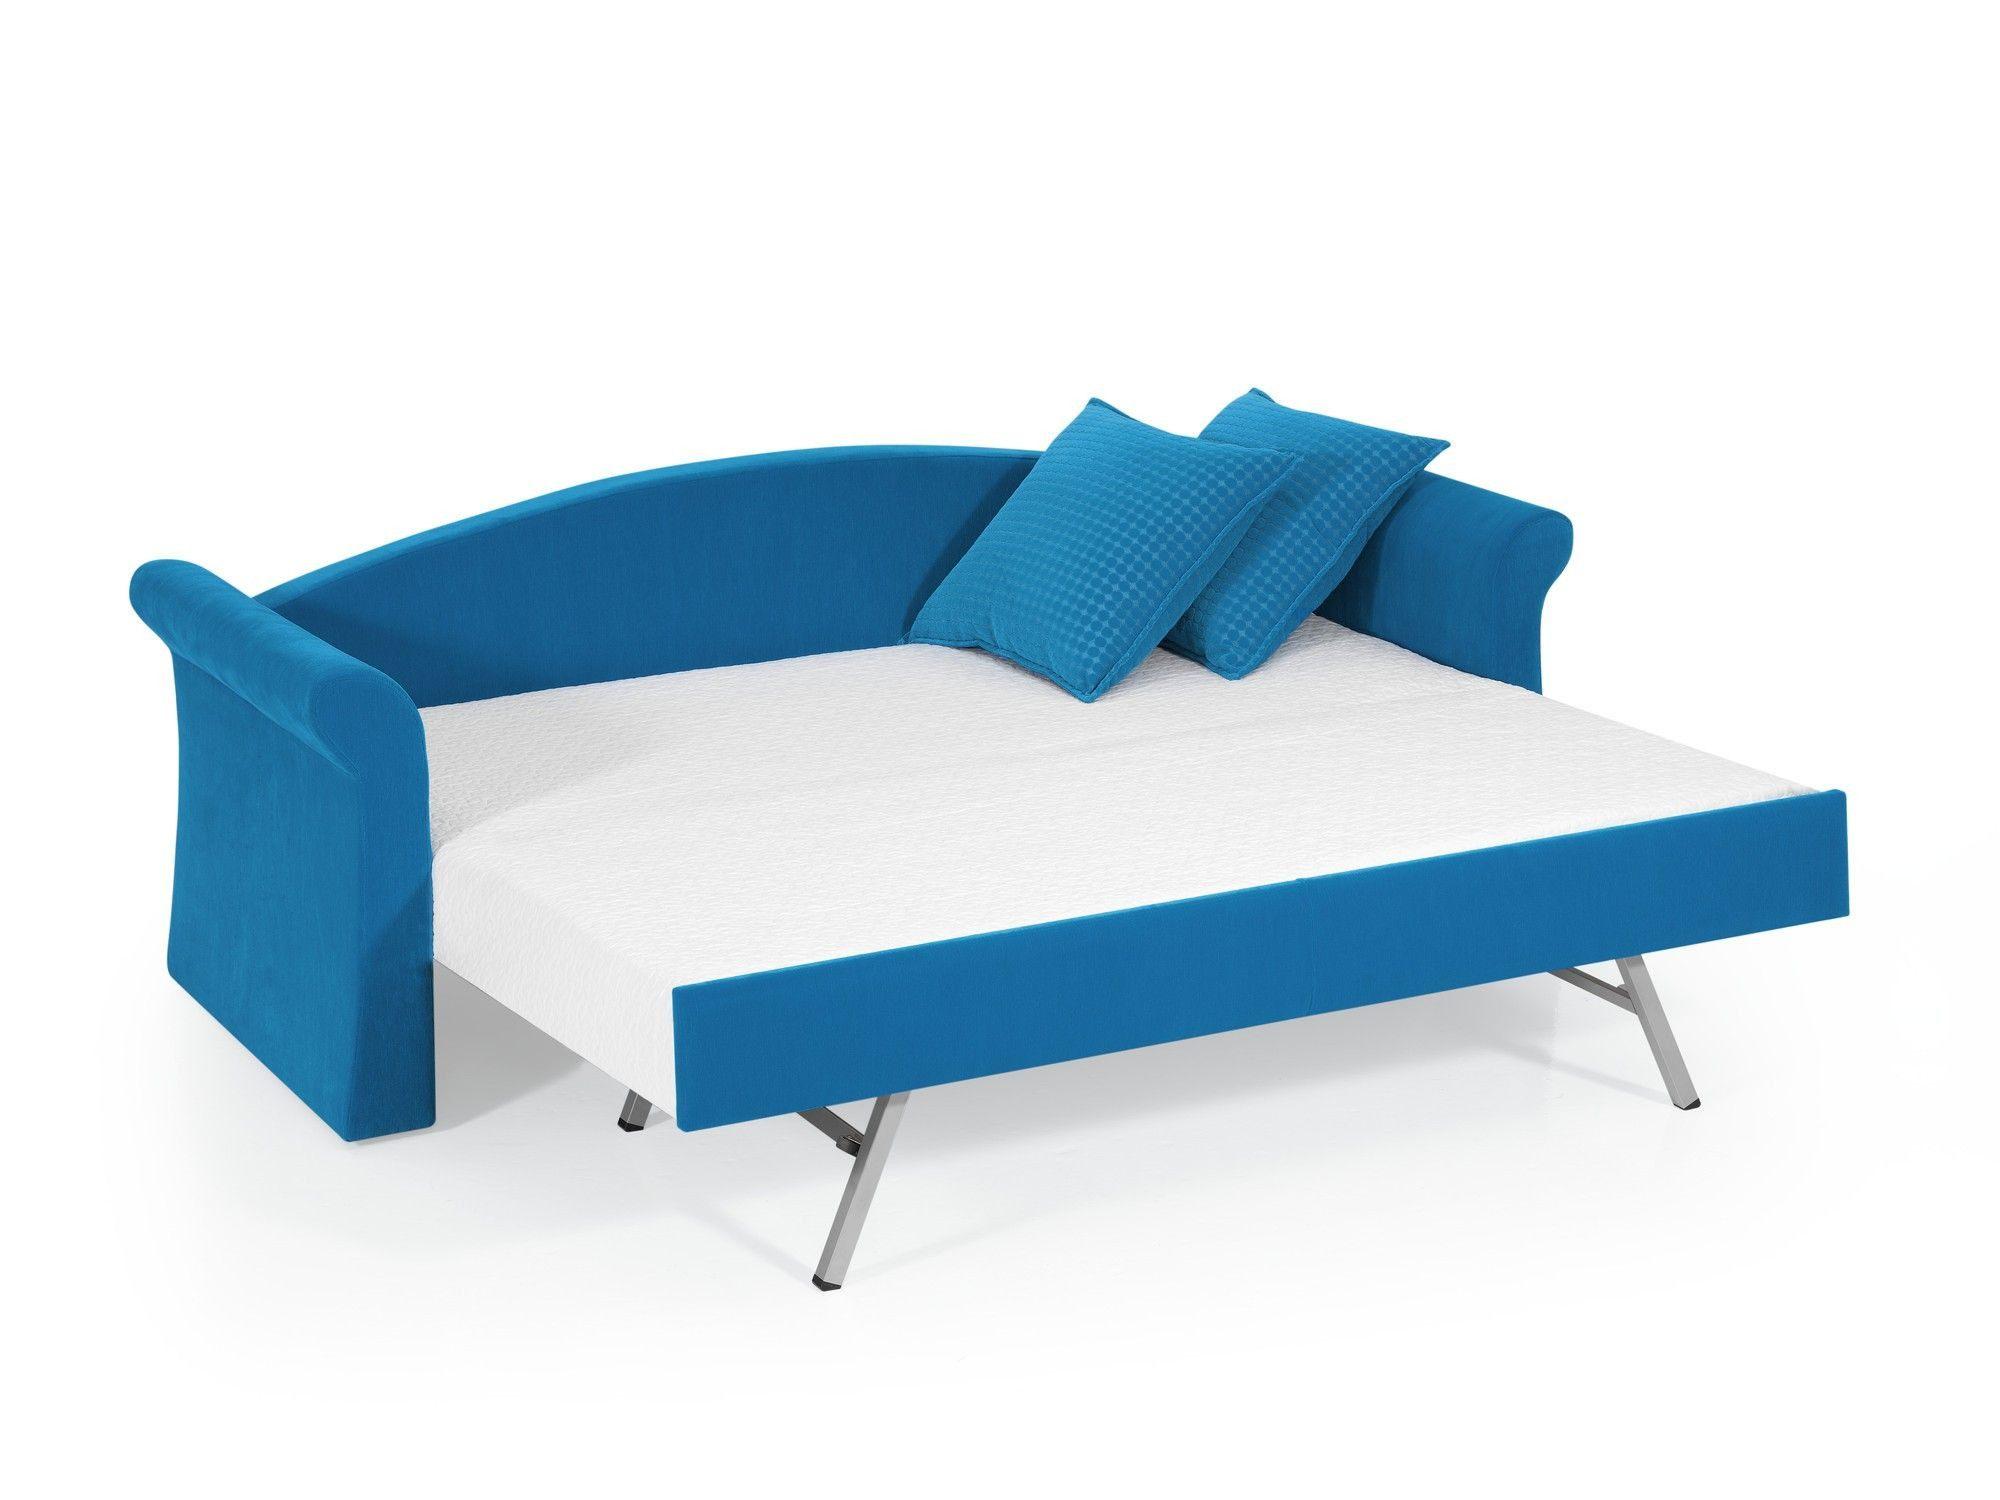 Canapé Vrai Lit Unique Canapé Convertible Vrai Lit Canapé Lit Deux Places Awesome Ikea Lit